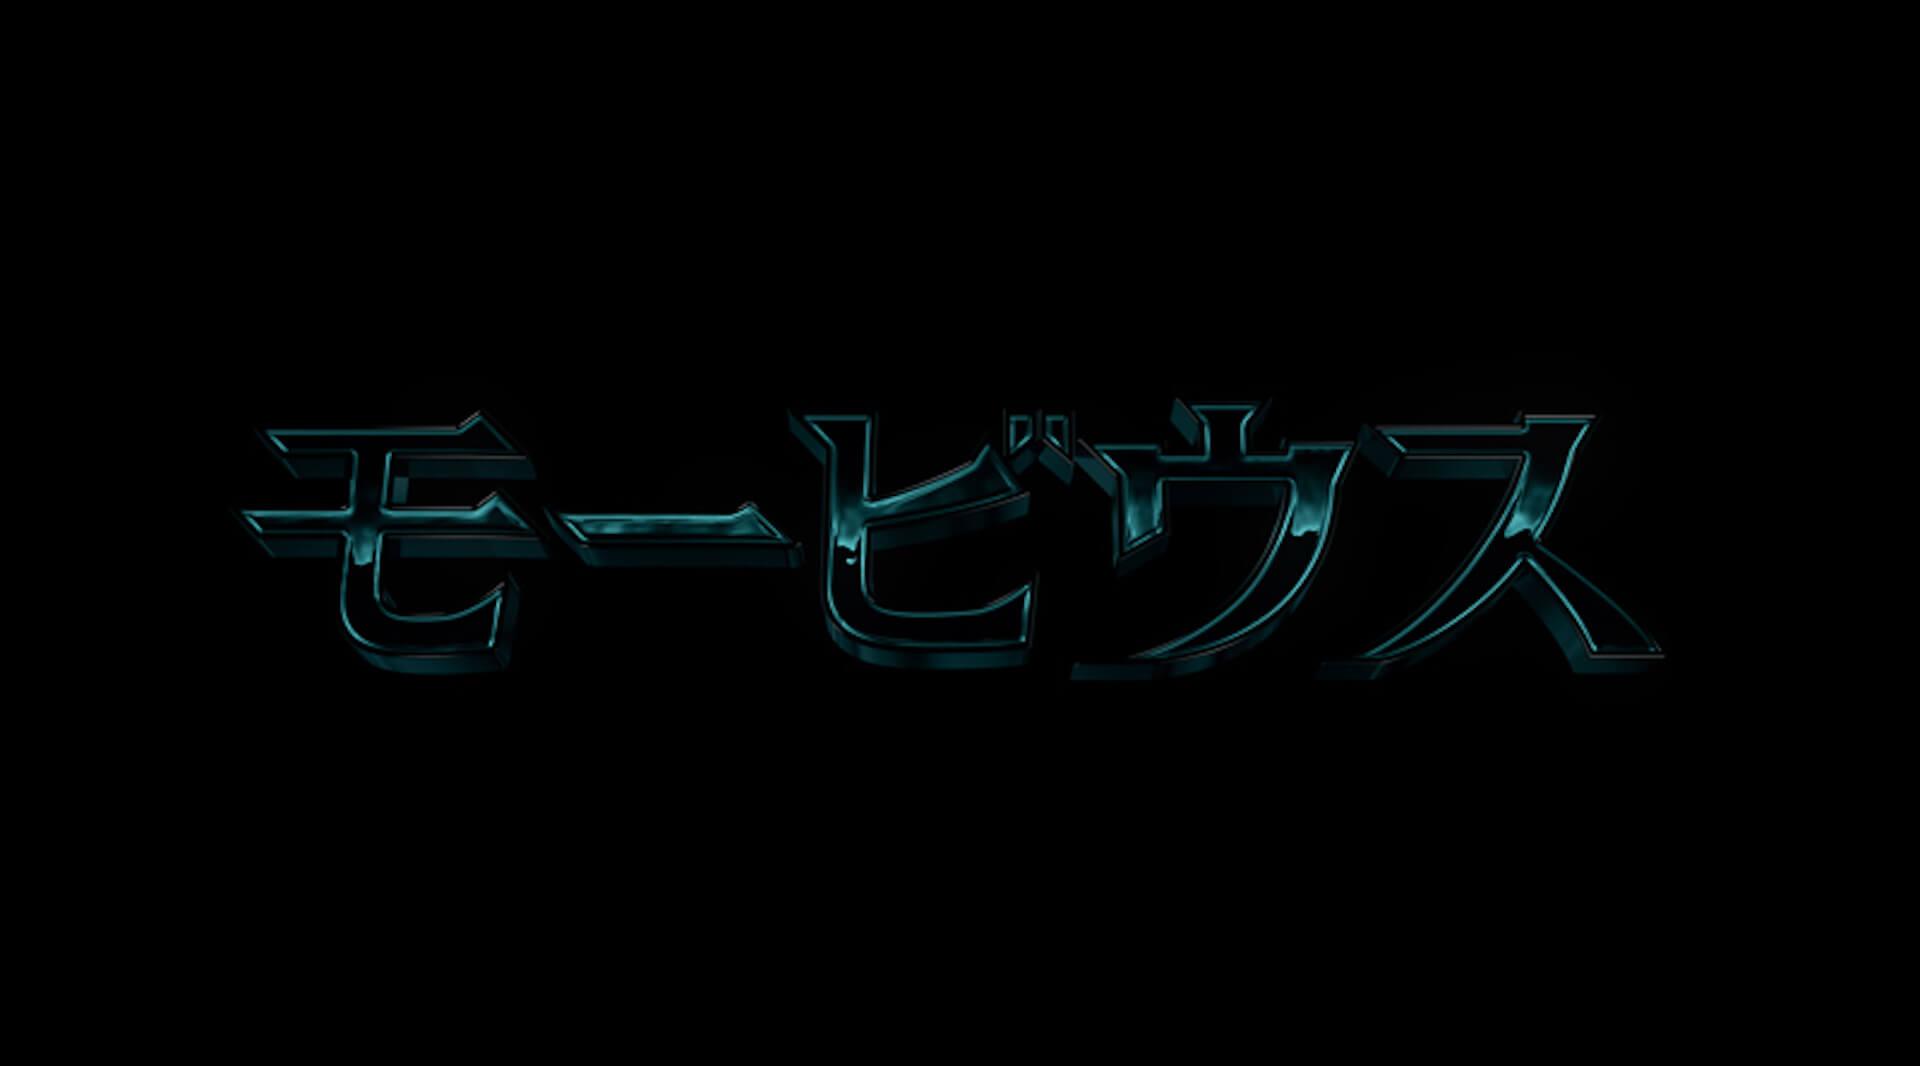 ジャレッド・レト主演『モービウス』の予告編が公開|スパイダーマン登場?マイケル・キートンは再びヴァルチャーに?今後のMCUとクロスオーバーは? film200114-morbius-movie-2